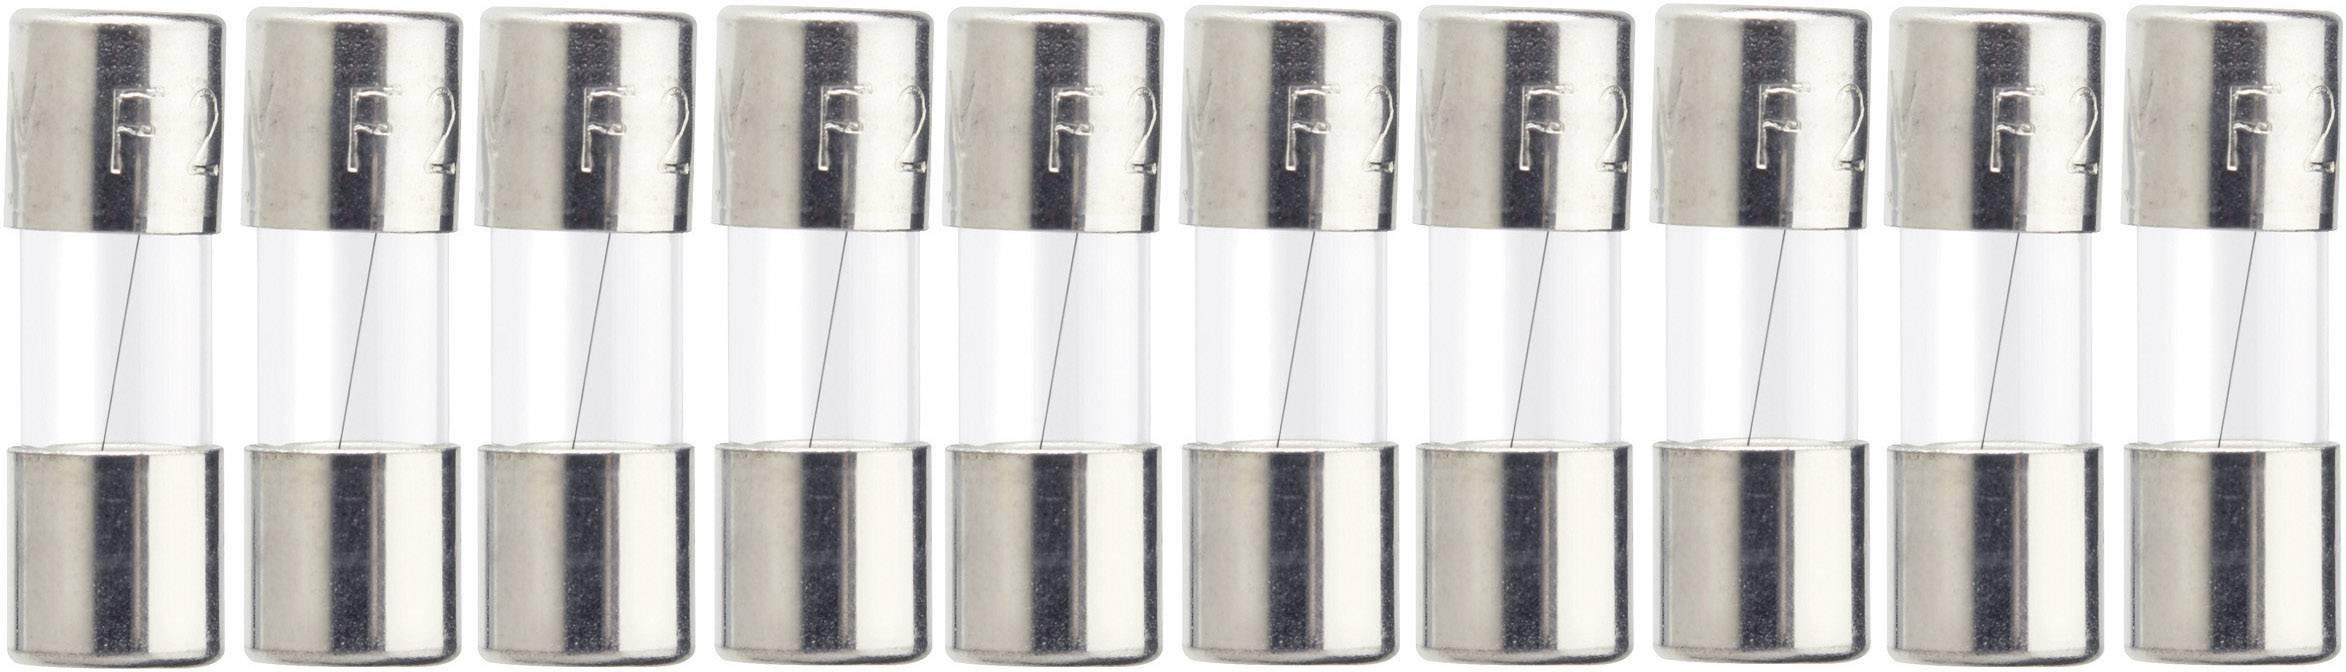 Jemná poistka ESKA 515616, 0.8 A, 250 V, (Ø x d) 5 mm x 15 mm, rýchly -F-, 10 ks